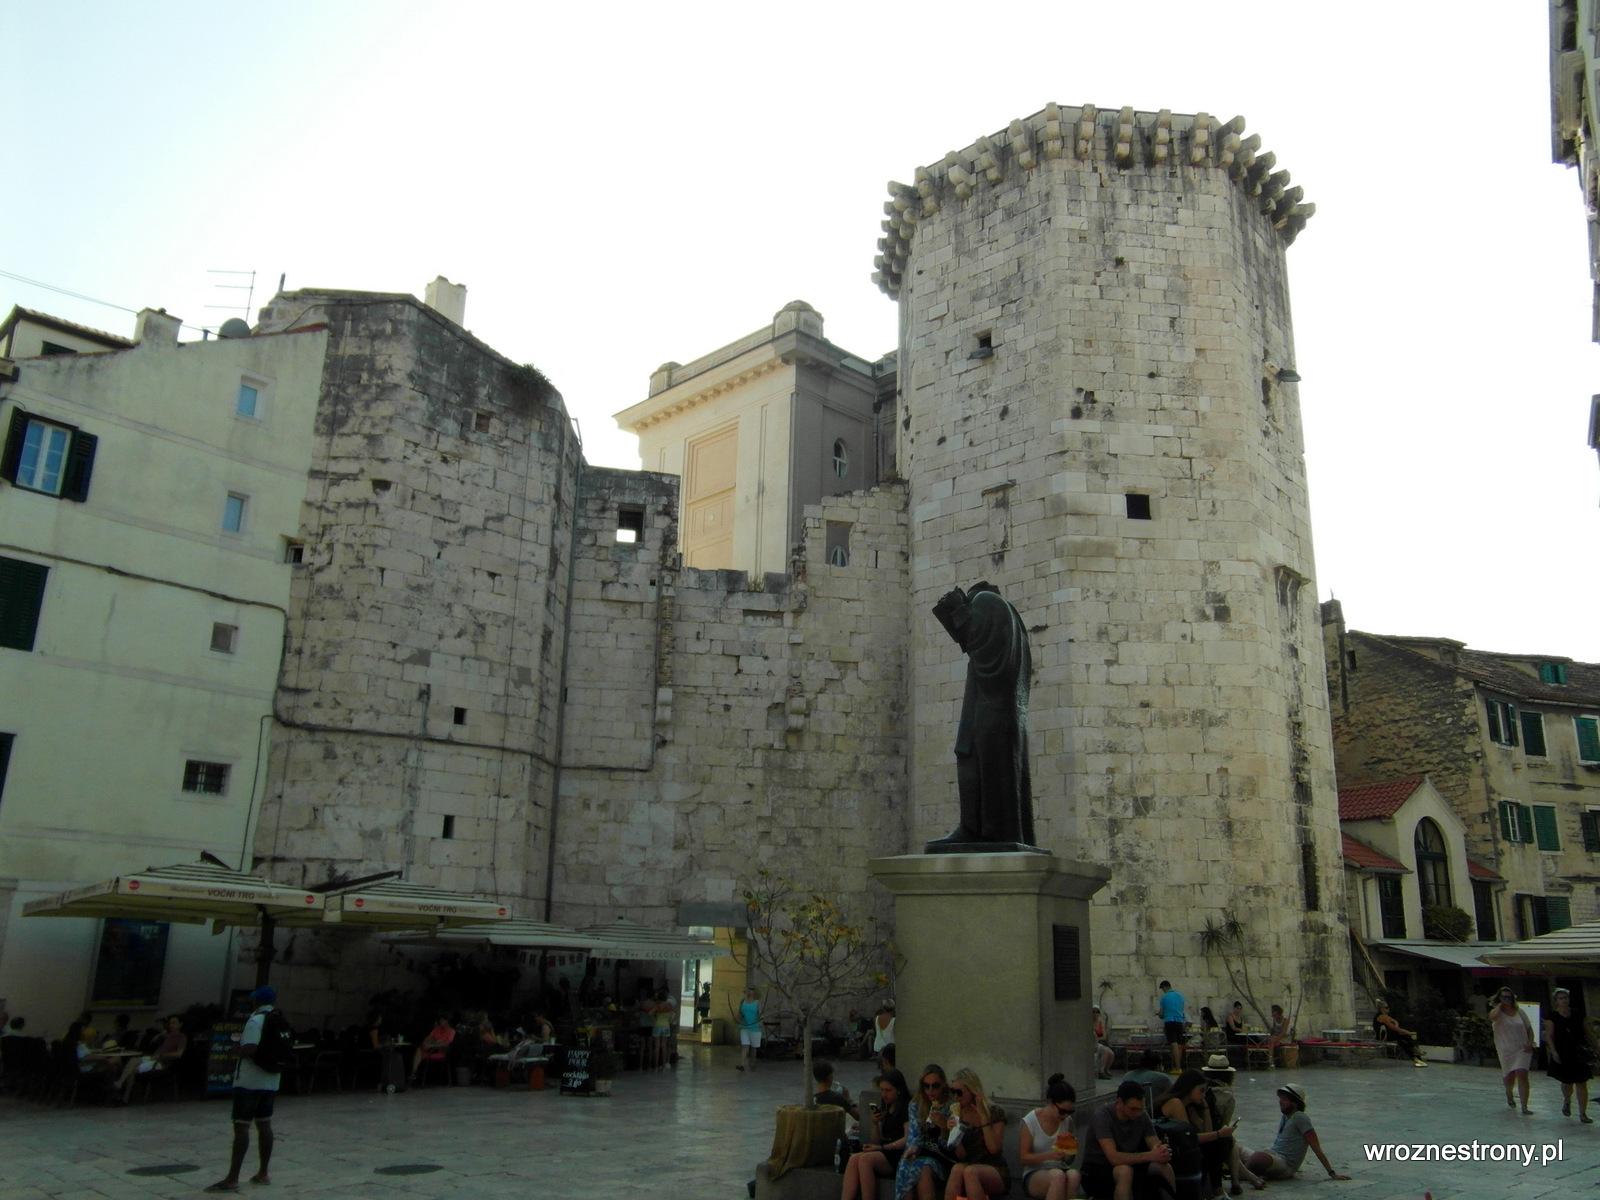 pomnik Grzegorza z Ninu (chor. Grgur Ninski)